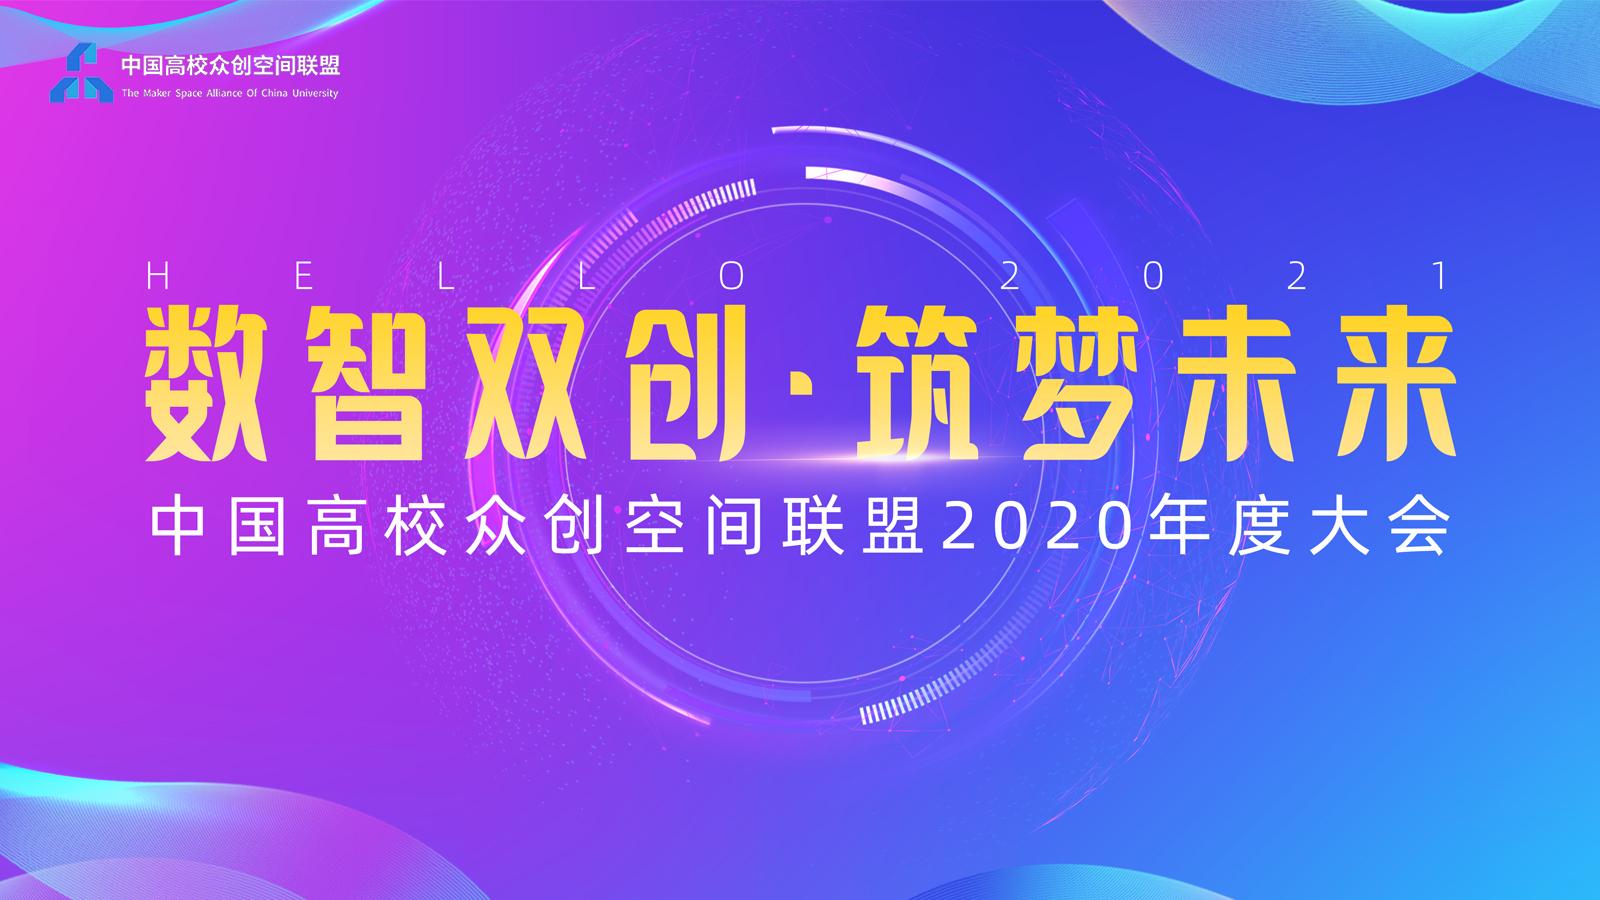 """""""数智双创·筑梦未来"""" 中国高校众创空间联盟2020年度大会圆满举行"""